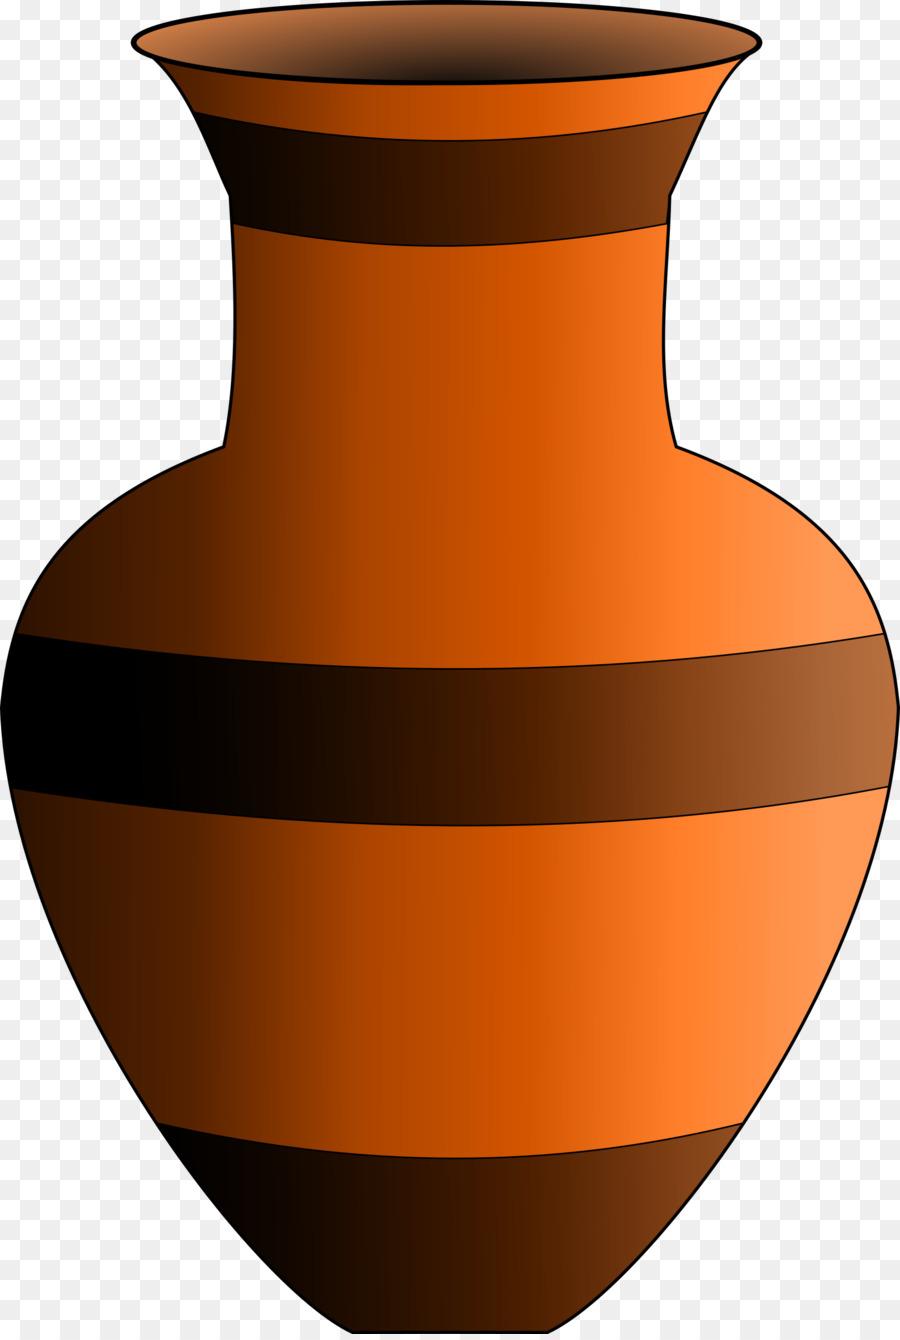 Vase Clip Art Vase 1619 2400 Transprent Png Free